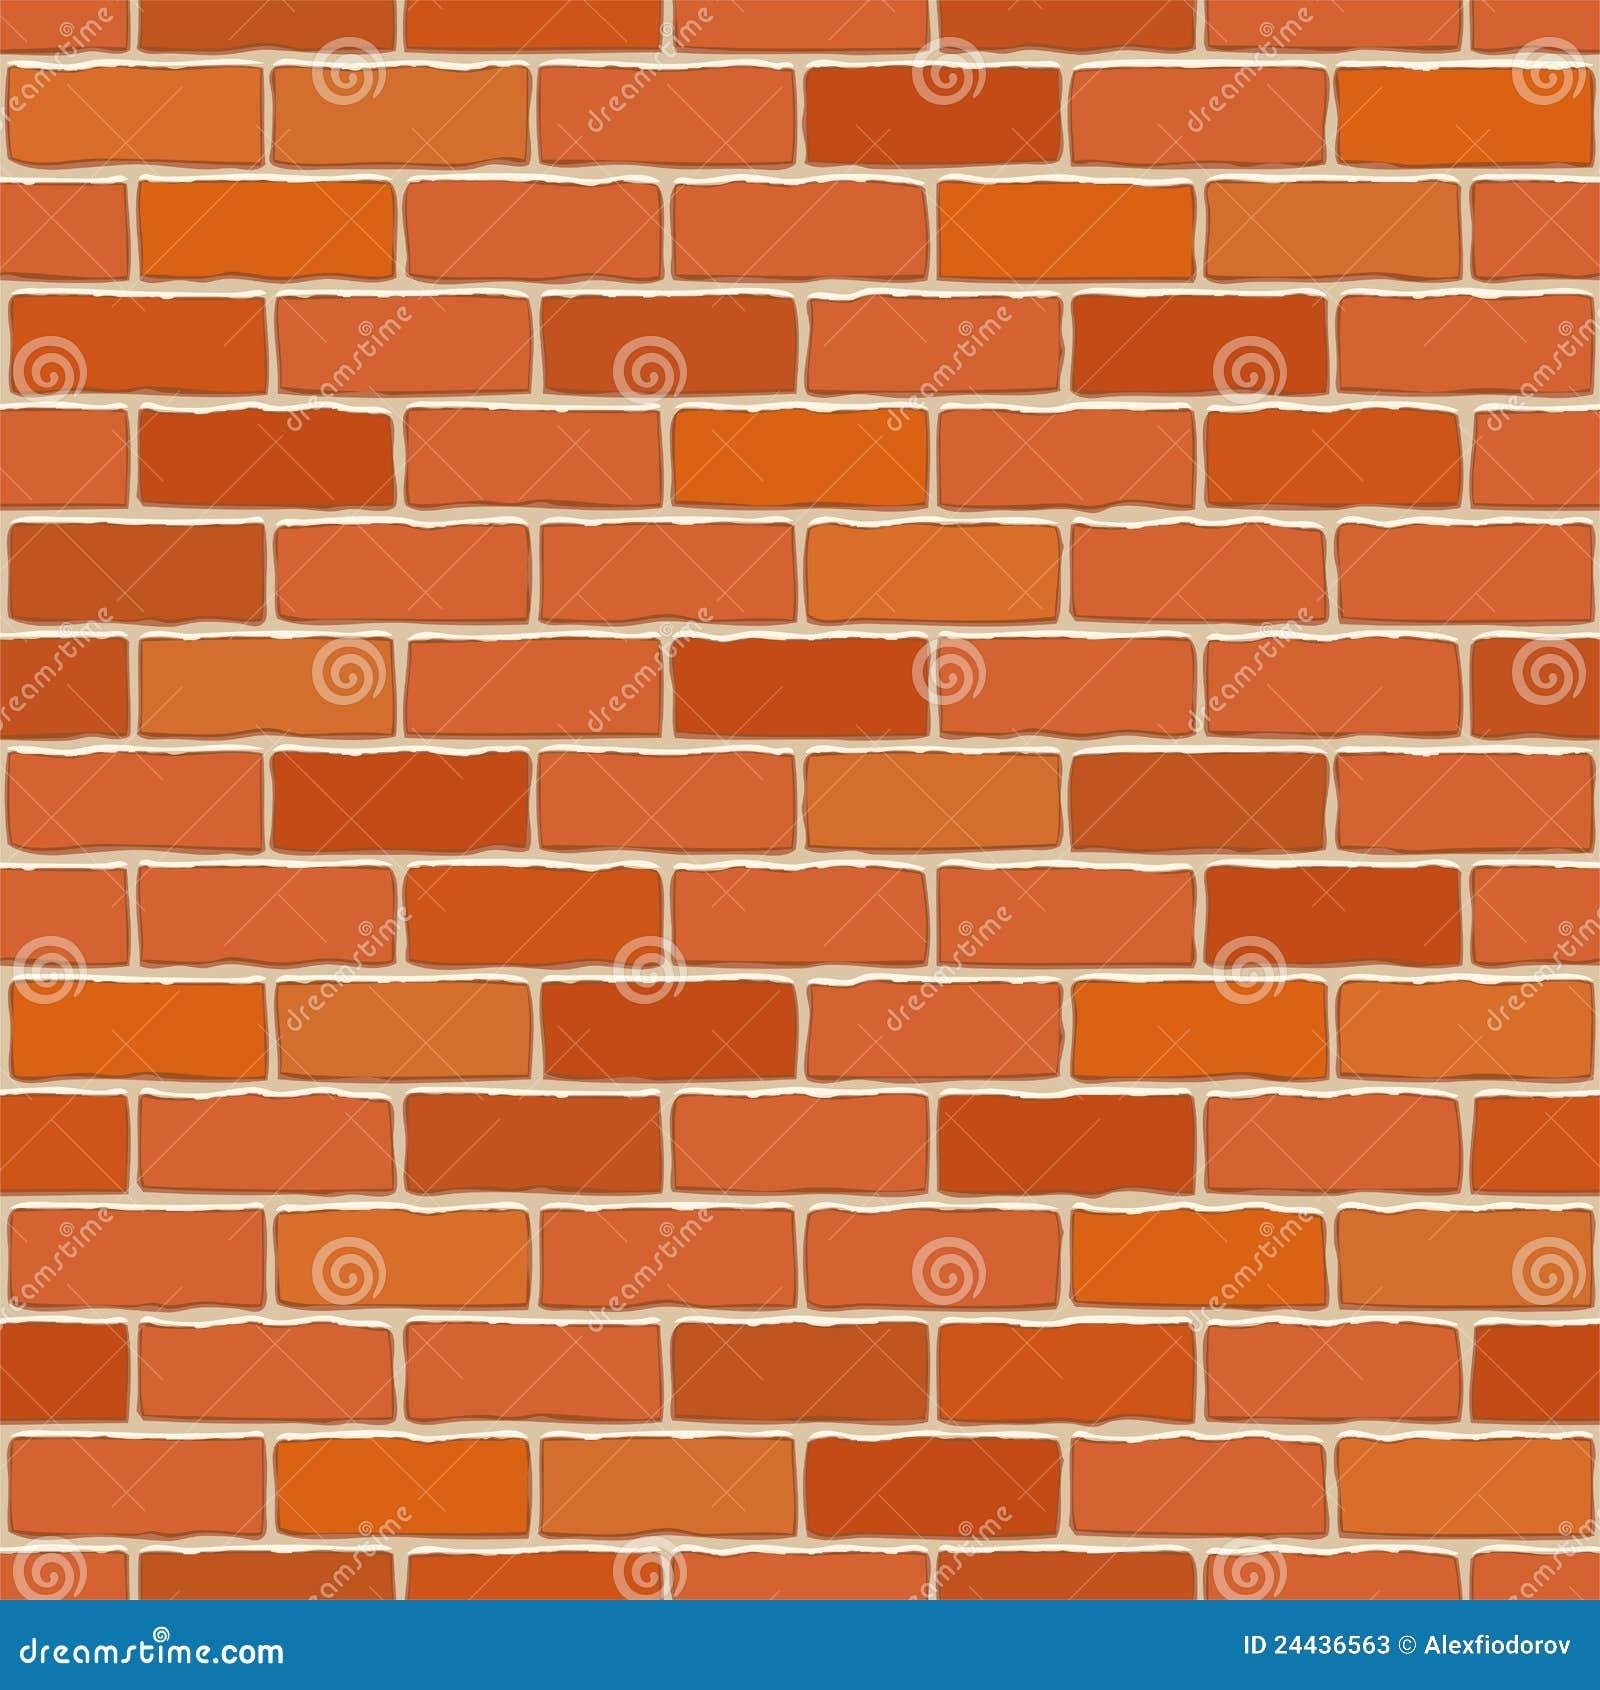 Seamless Vector Brick Wall